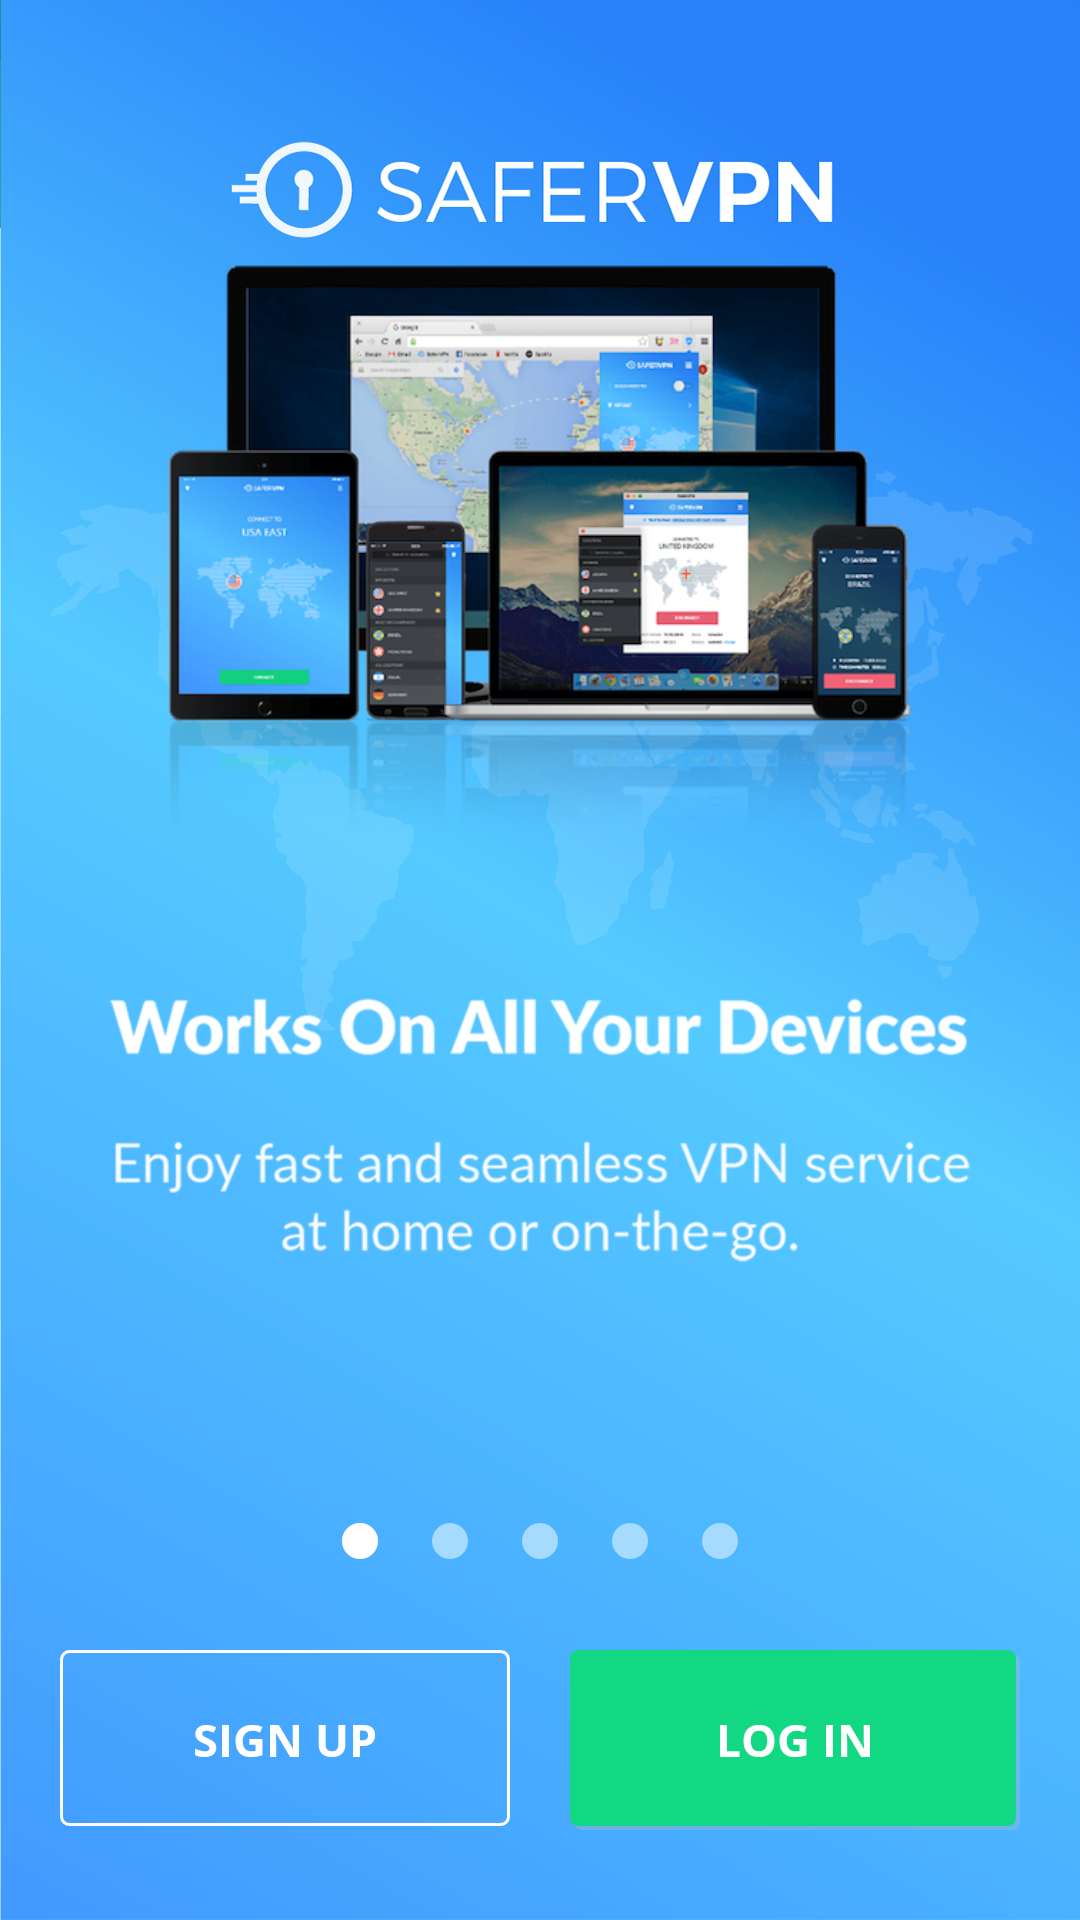 ТОП-14 Лучших ВПН (VPN) сервисов